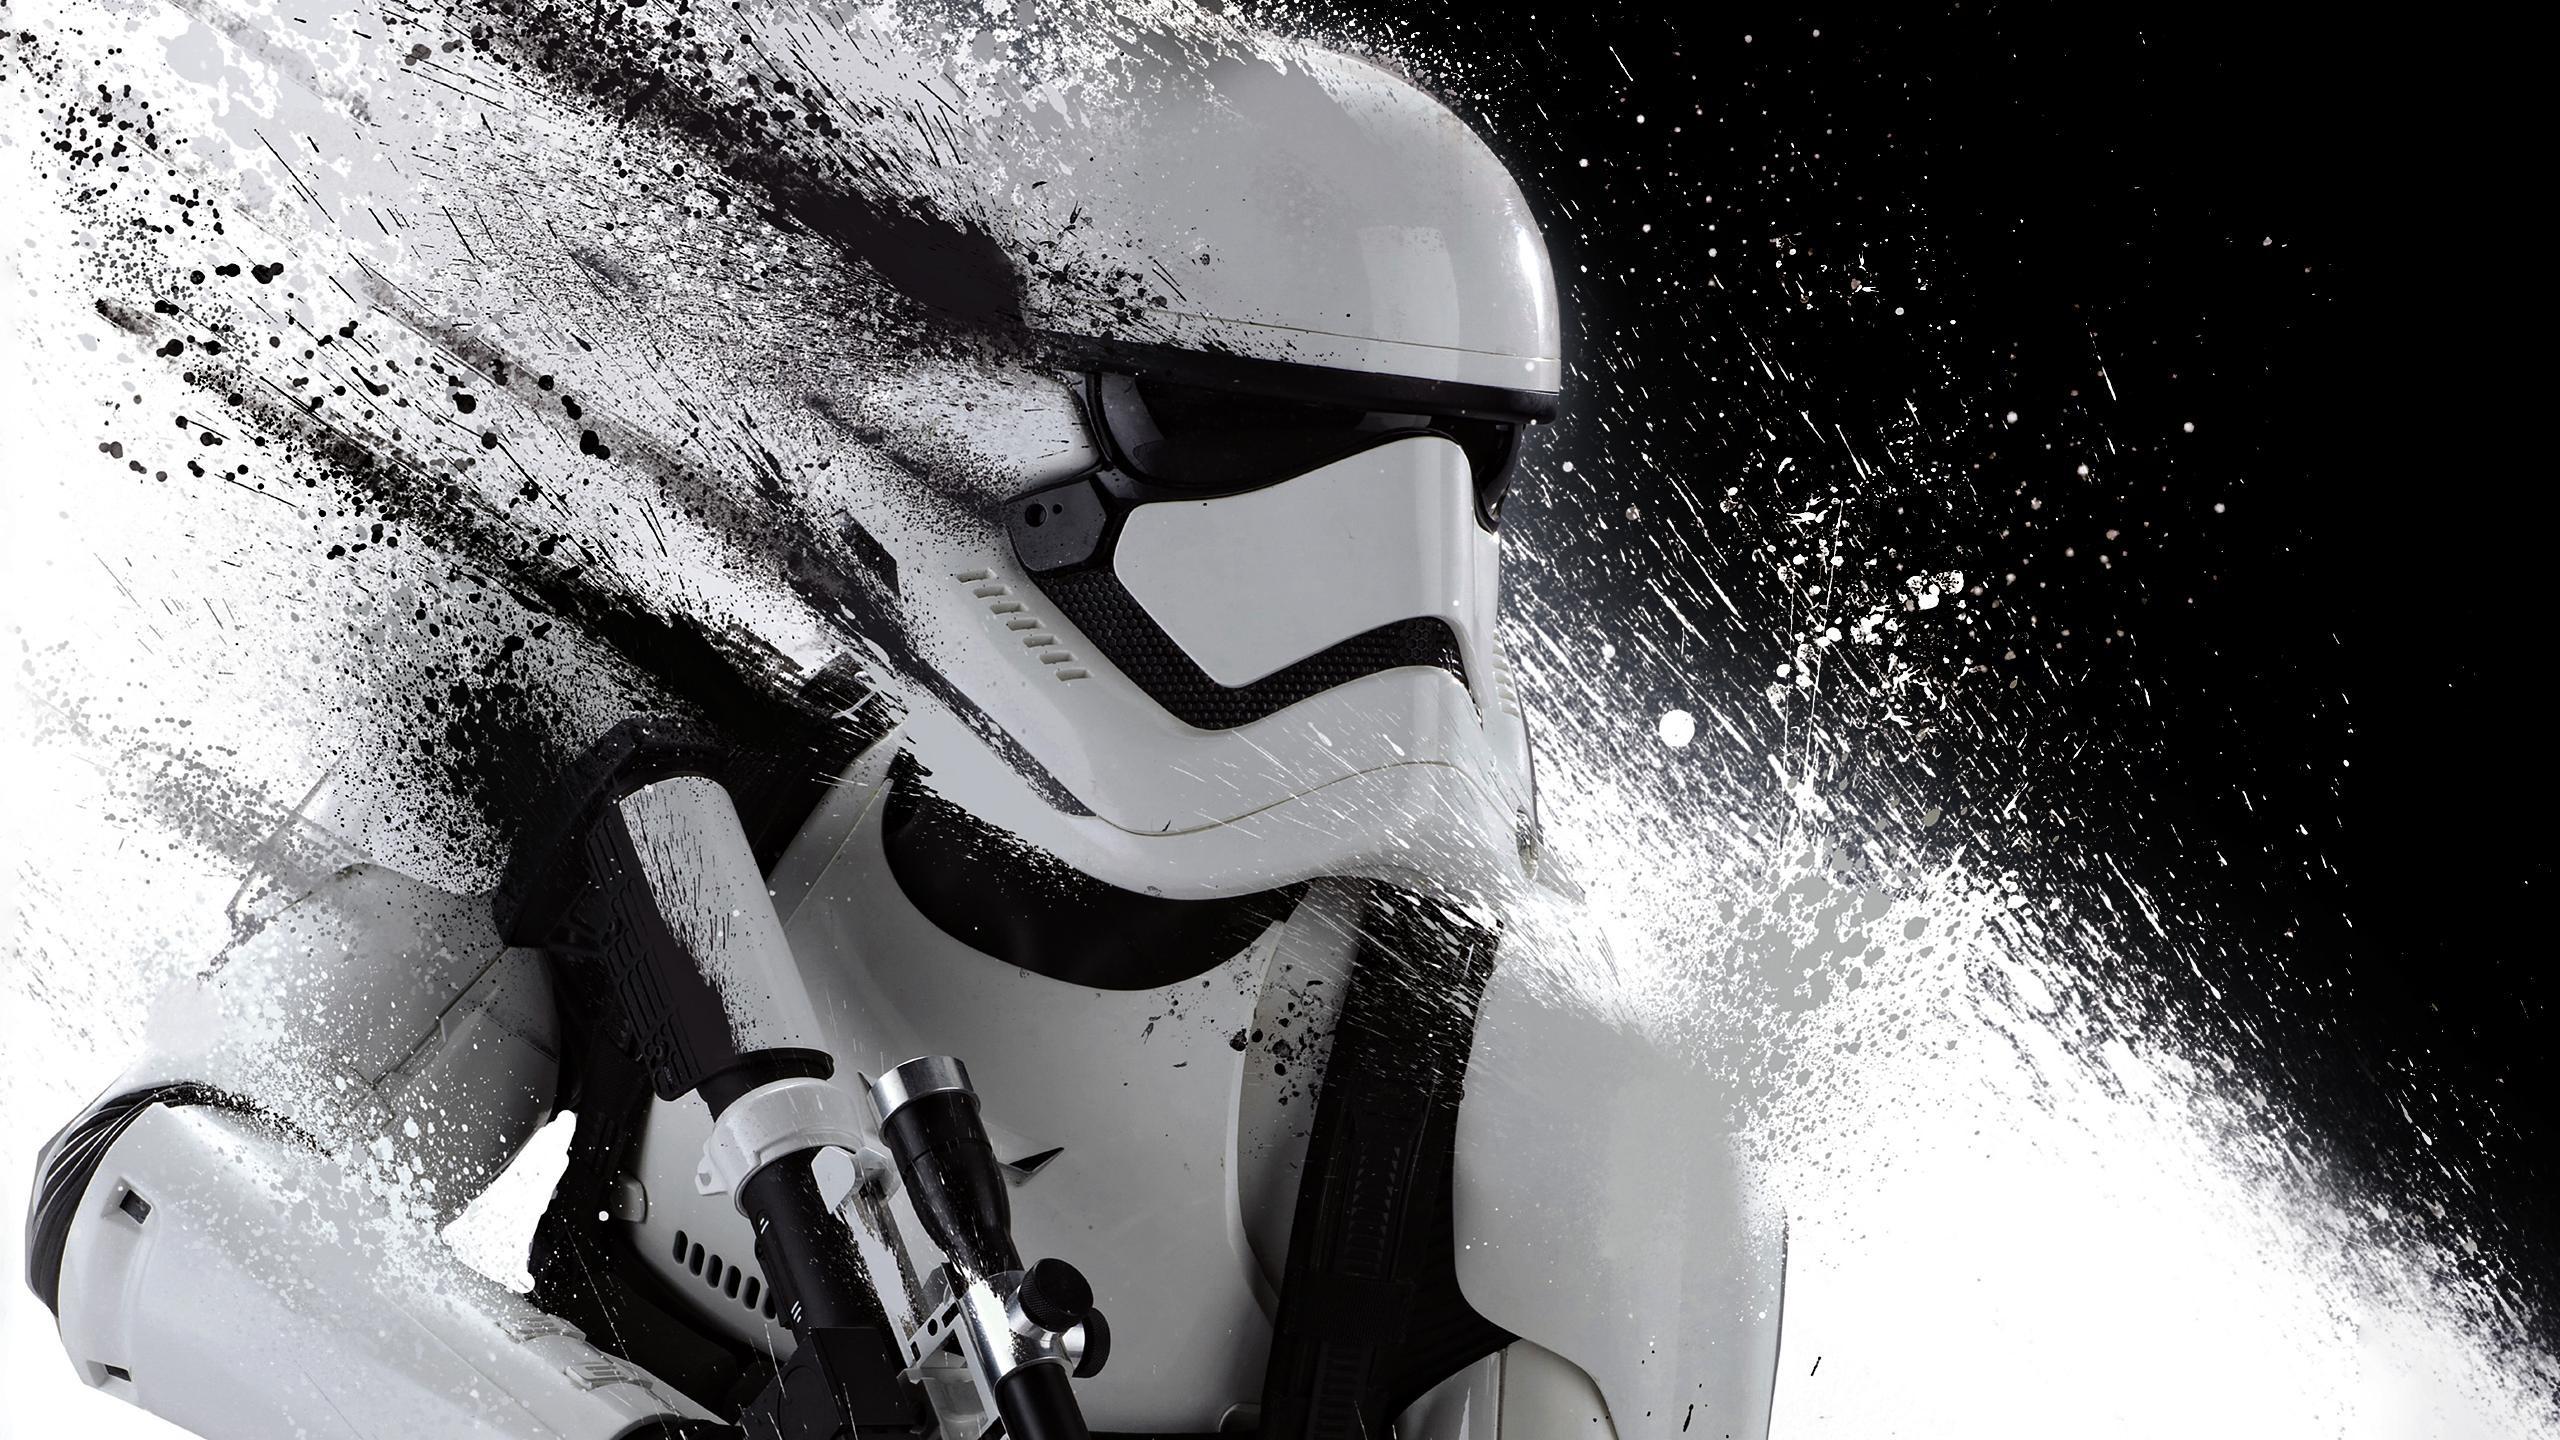 Star Wars HD wallpaper ·① Download free beautiful ...